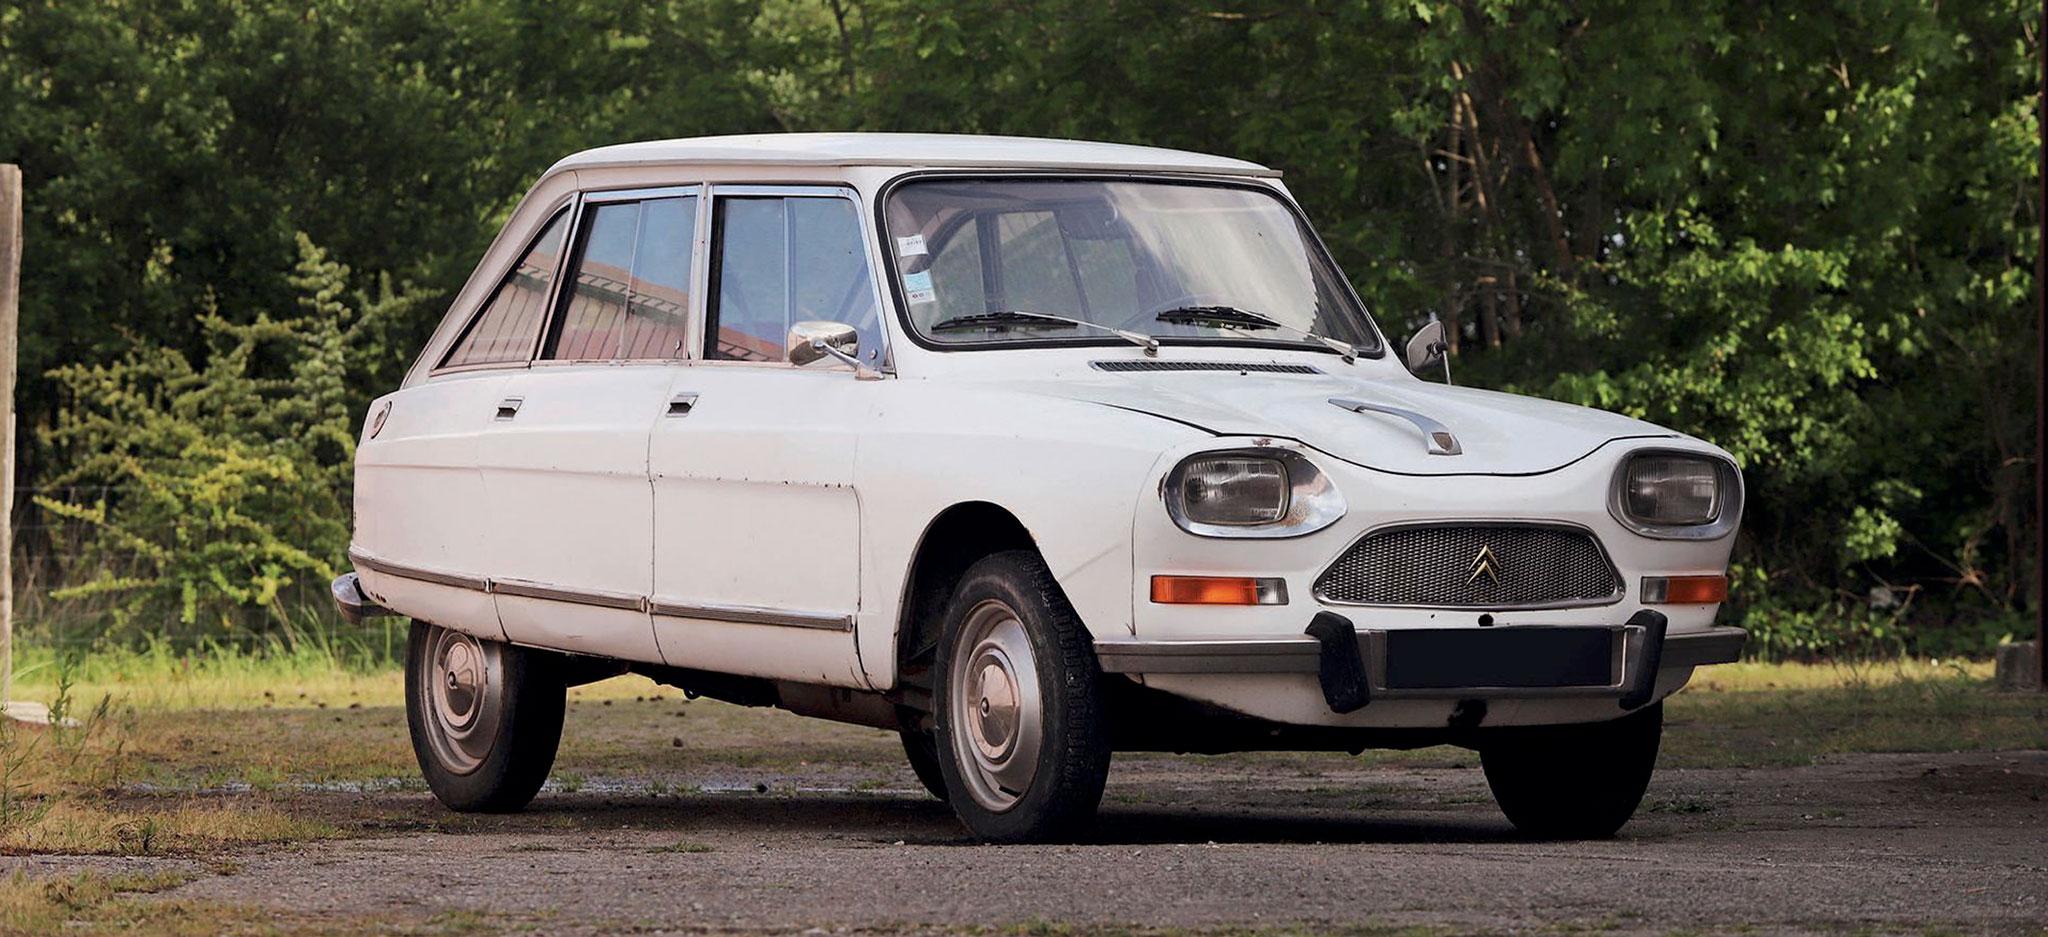 1969 Citroën Ami 8 Berline €1000 - 2000 - Populaires Françaises.